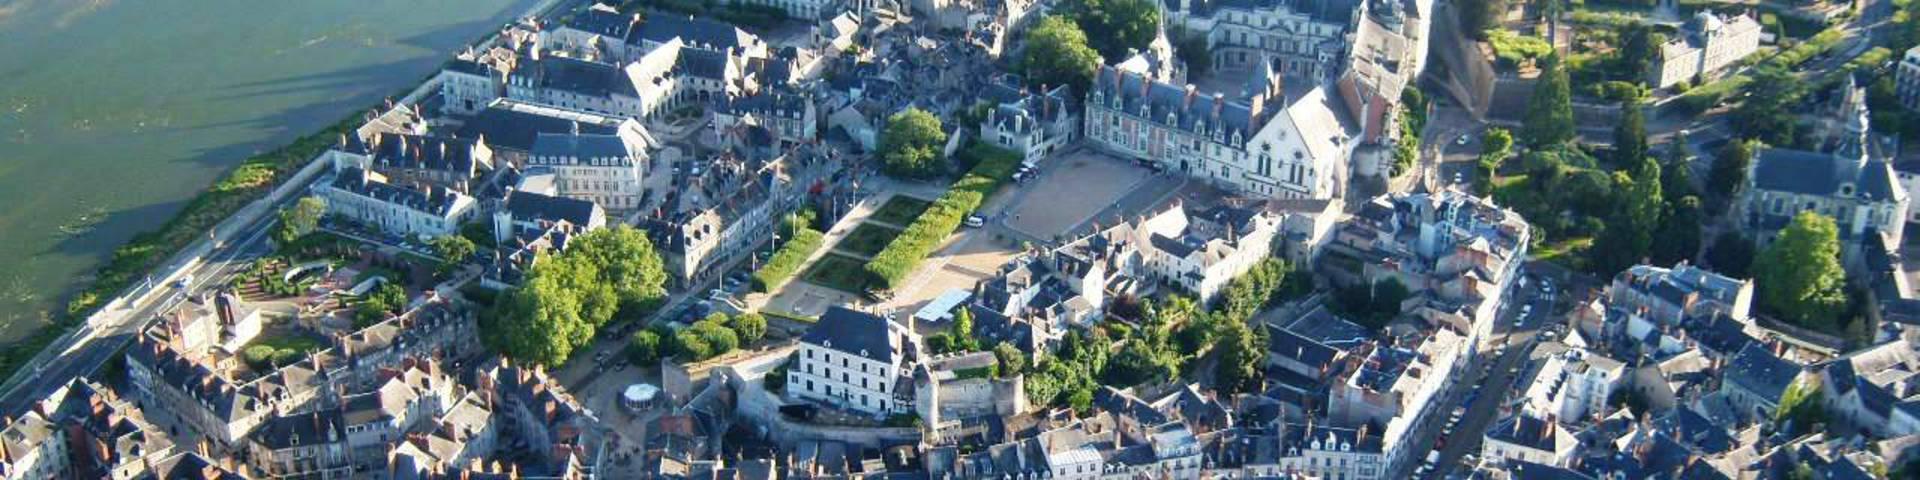 La ville de Blois et son château royal vus du ciel. © OTBC